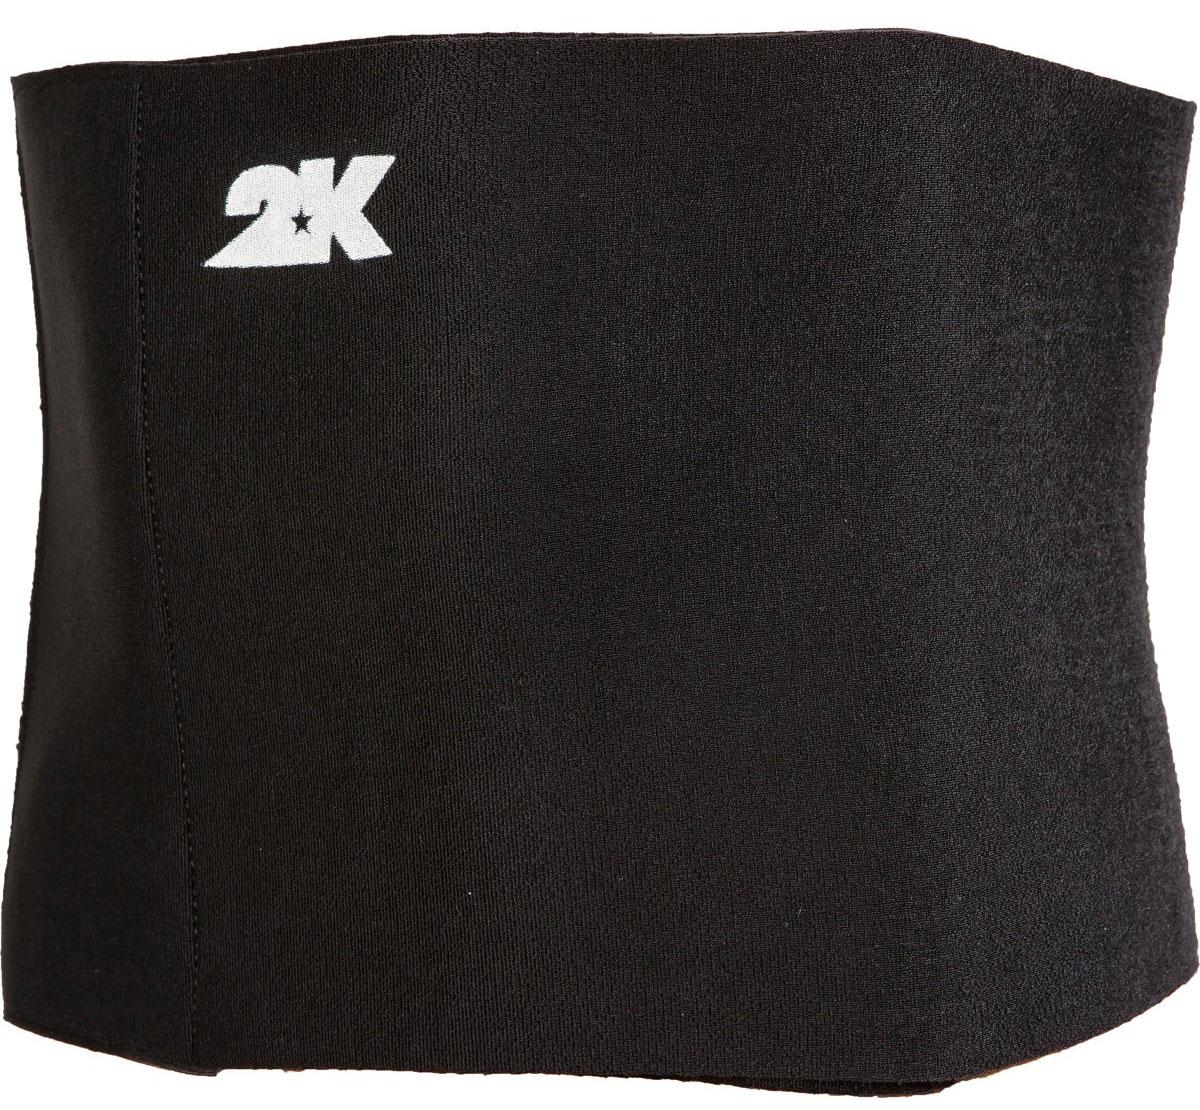 Суппорт бедра 2K Sport АС-003, цвет: черный. Размер S129015Суппорт для бедренного сустава 2K Sport АС-003 уменьшает нагрузку во время тренировки и защищает бедро в период восстановления. Выполнена из высококачественного неопрена (80%) и нейлона (20%). Суппорт прочный и эластичный.